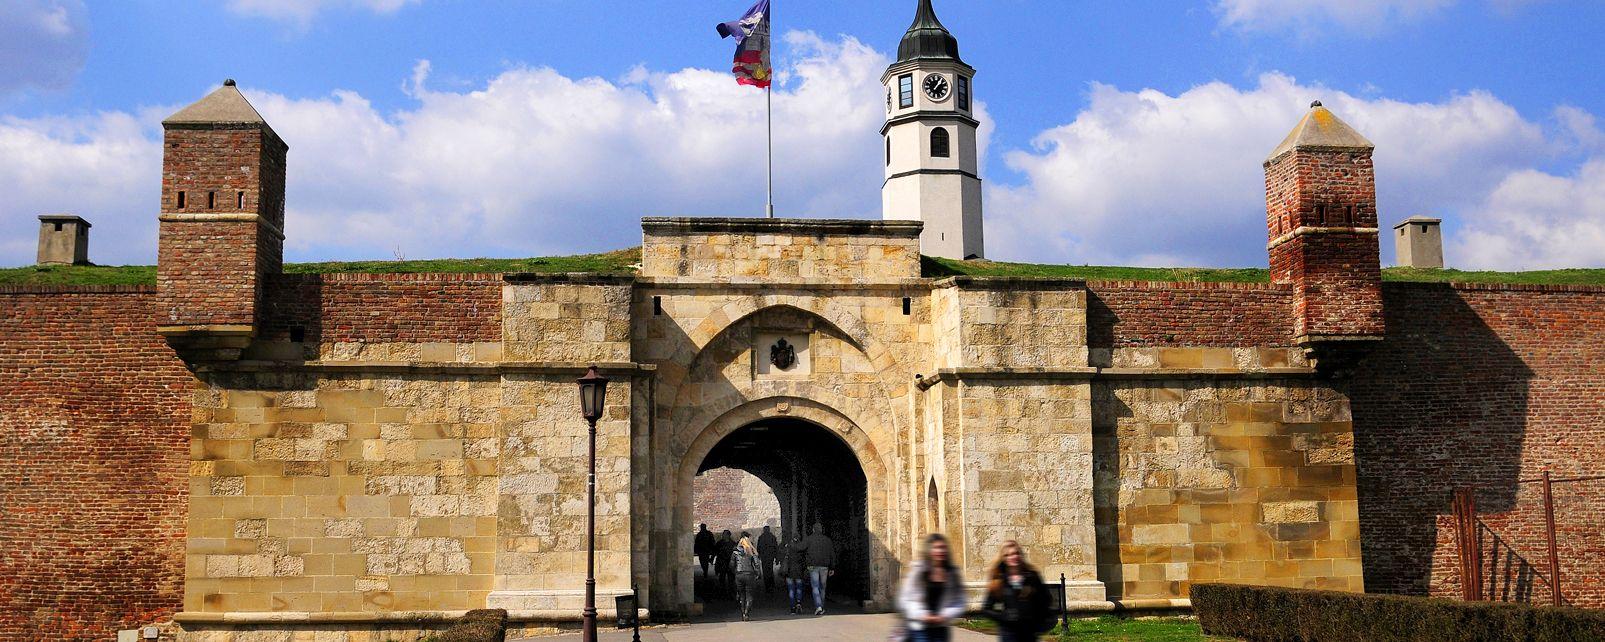 La fortezza di Belgrado , Ingresso della fortezza di Belgrado , Serbia